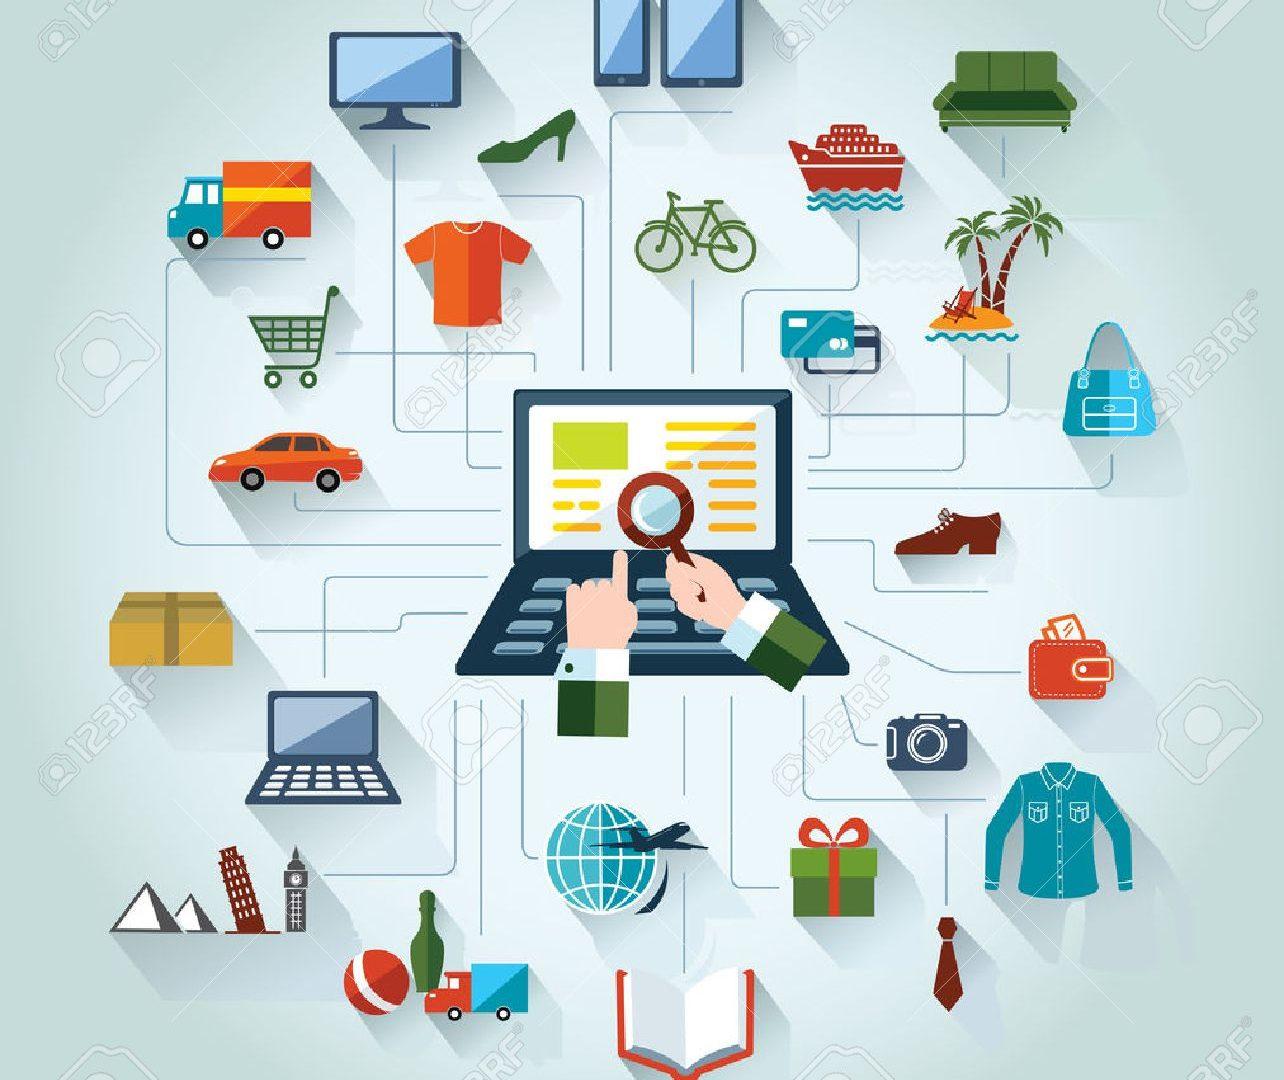 Por qué debes contratar a profesionales para el diseño de una tienda online